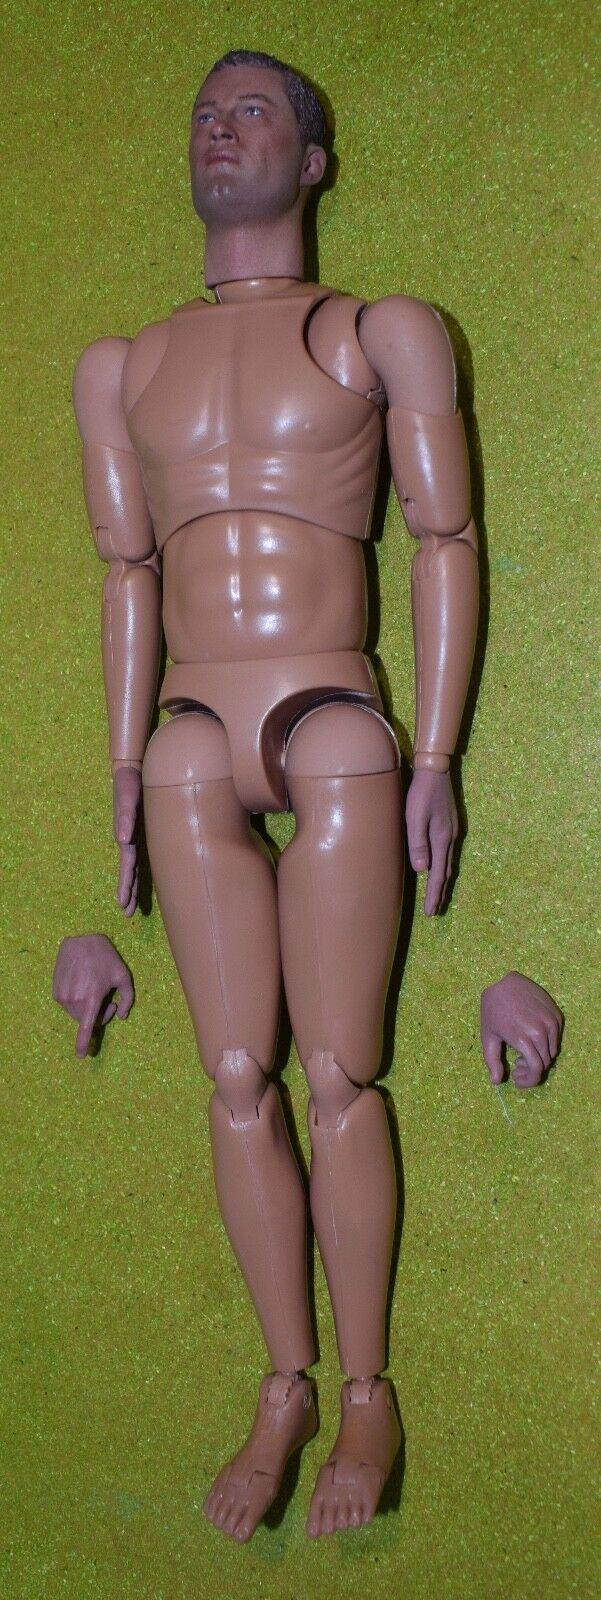 Dragon sogni ha fatto 1 6 SCALA WW II  Geruomo balderico Nude Nudo cifra Bambola  garanzia di qualità